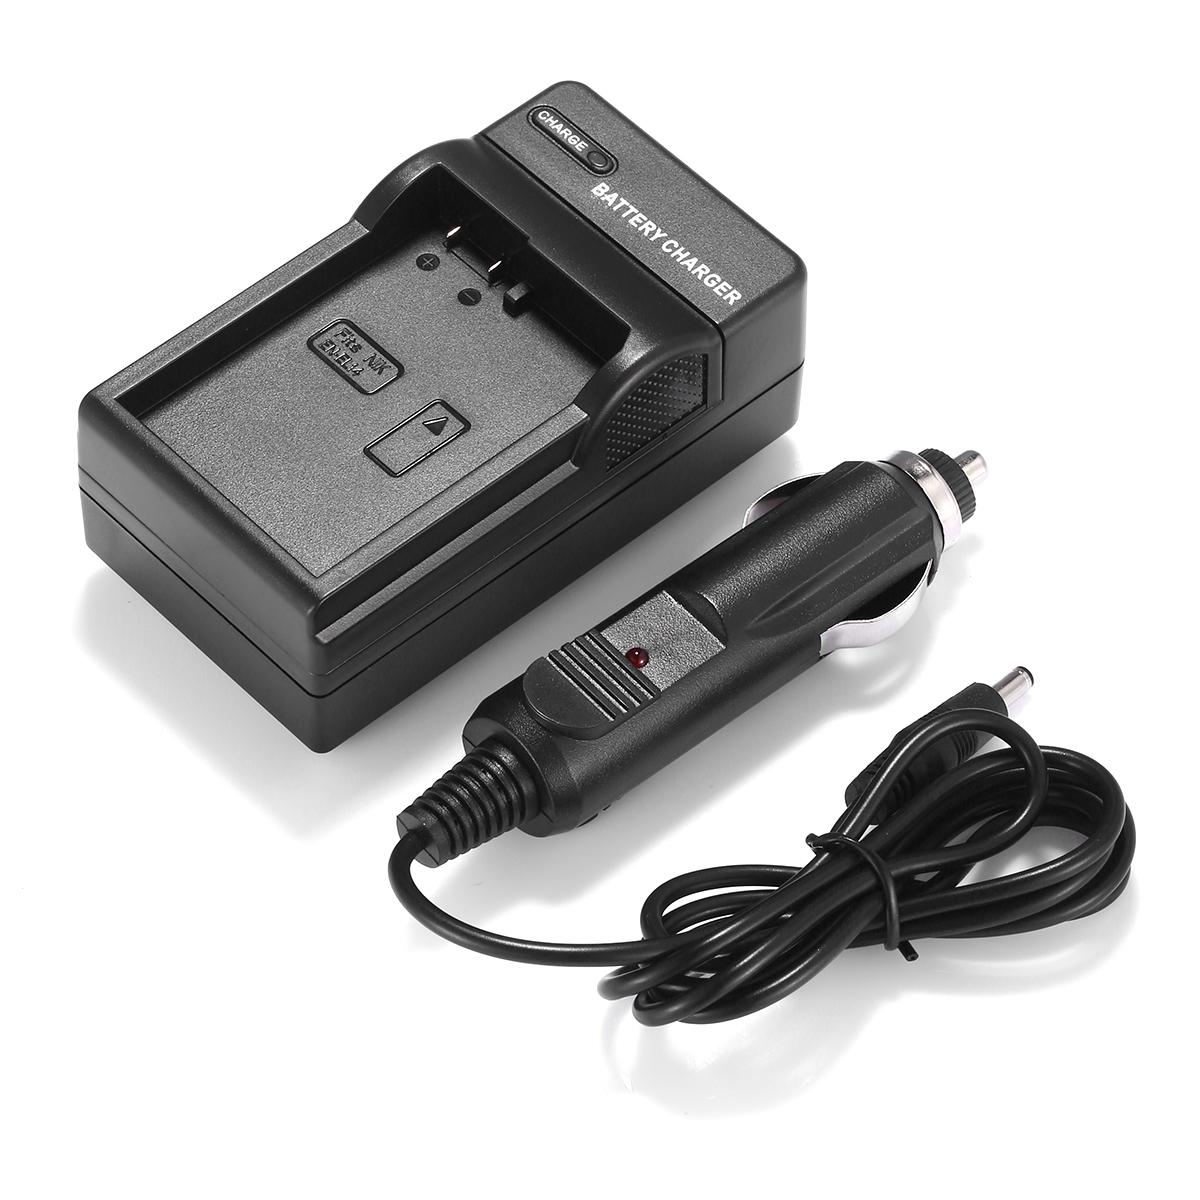 Mh 24 Battery Charger For Nikon En El14 P7100 P7000 D5100